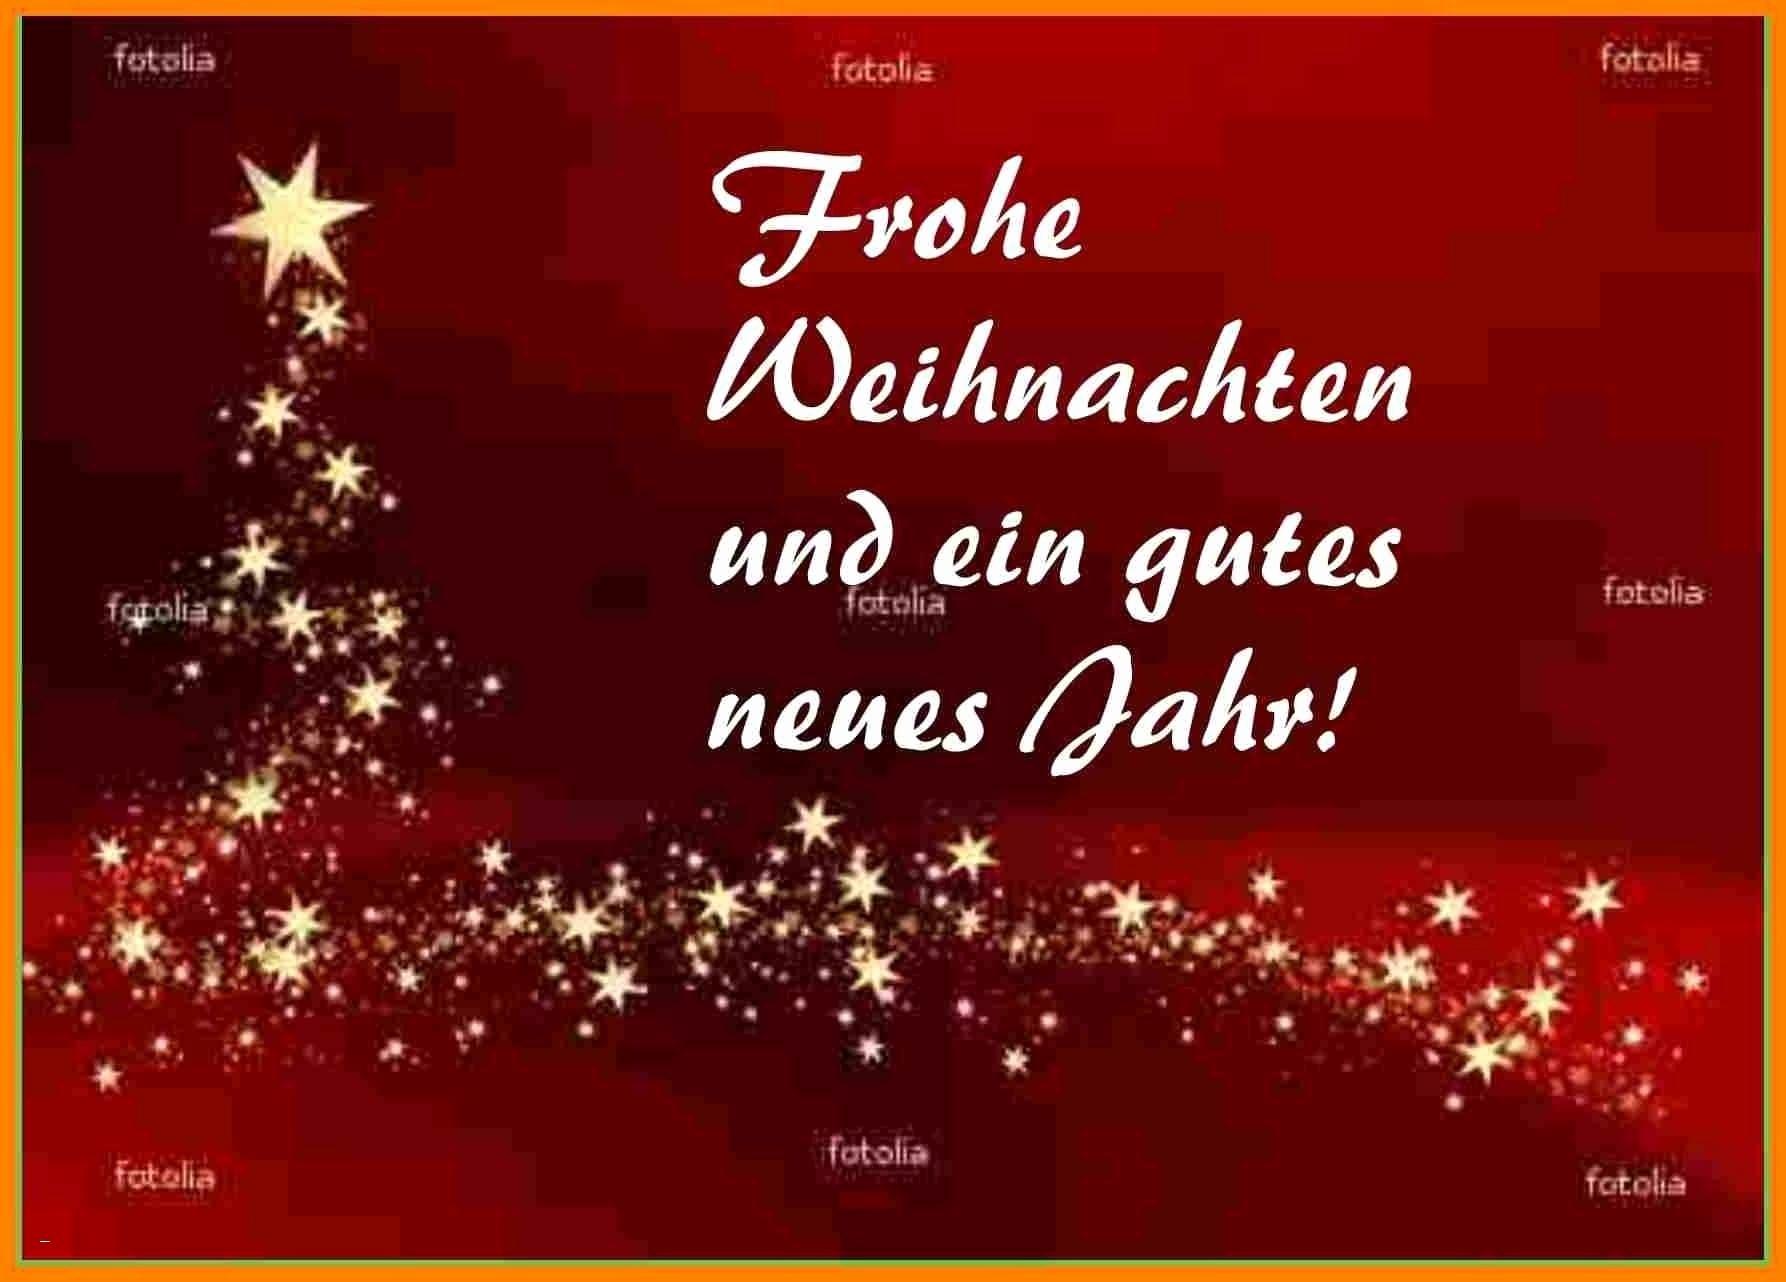 Weihnachtskarte Vorlage Schön Weihnachtskarte Gestalten mit Grusskarten Weihnachten Kostenlos